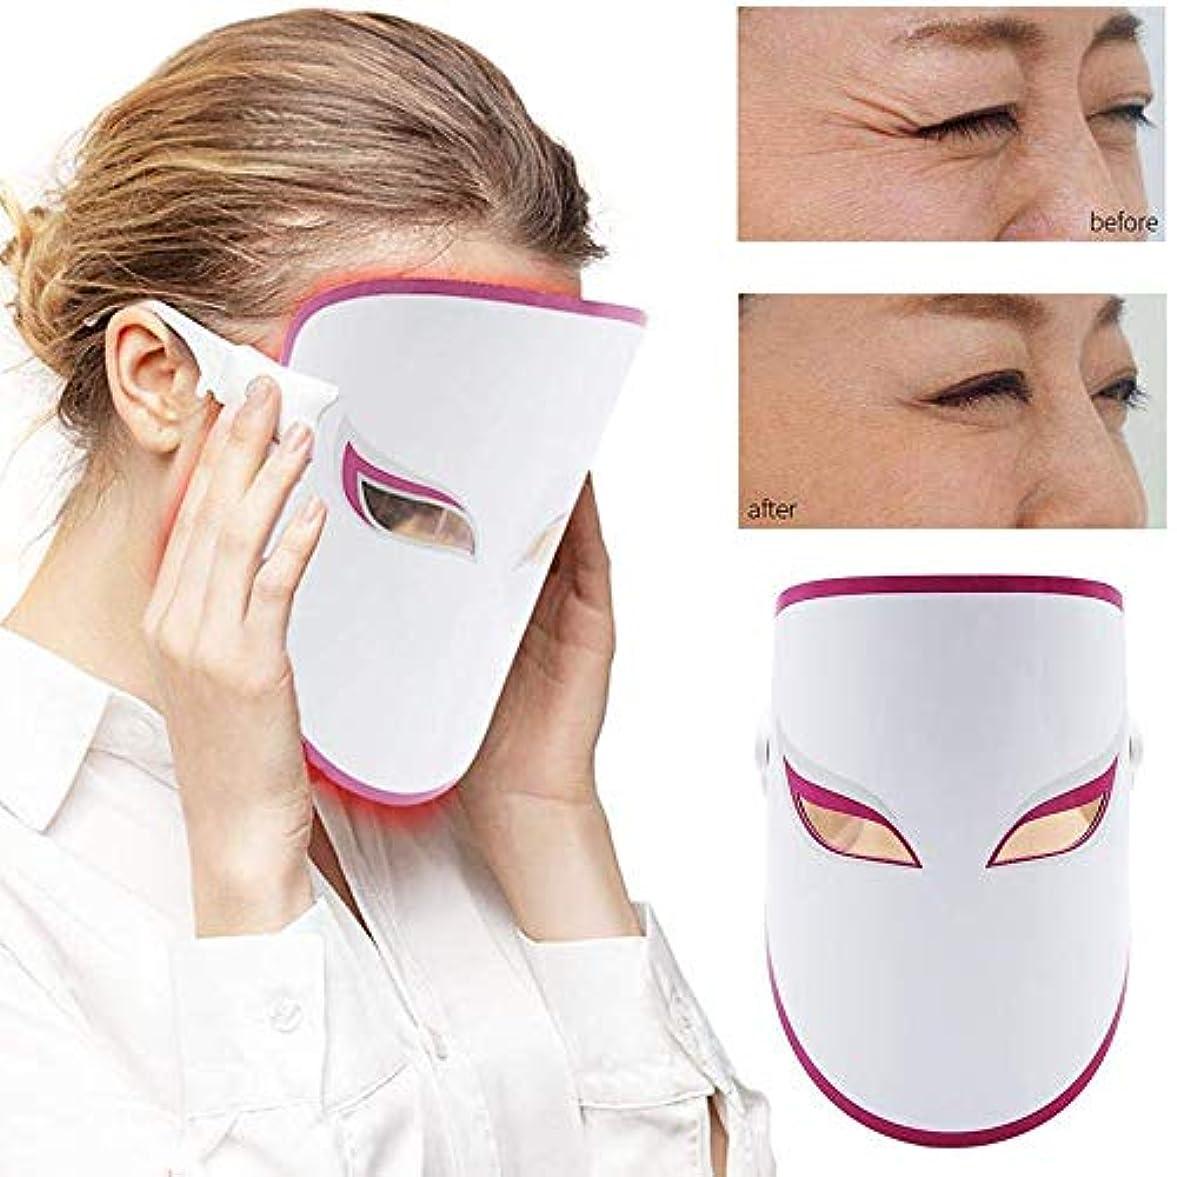 ステートメントドット鎮痛剤LEDフェイスマスク - フェイシャル?スキンケア美容マスク療法 - 毛穴を縮小、にきびしわを減らし、肌の若返り - 補充コラーゲン、アンチエイジング